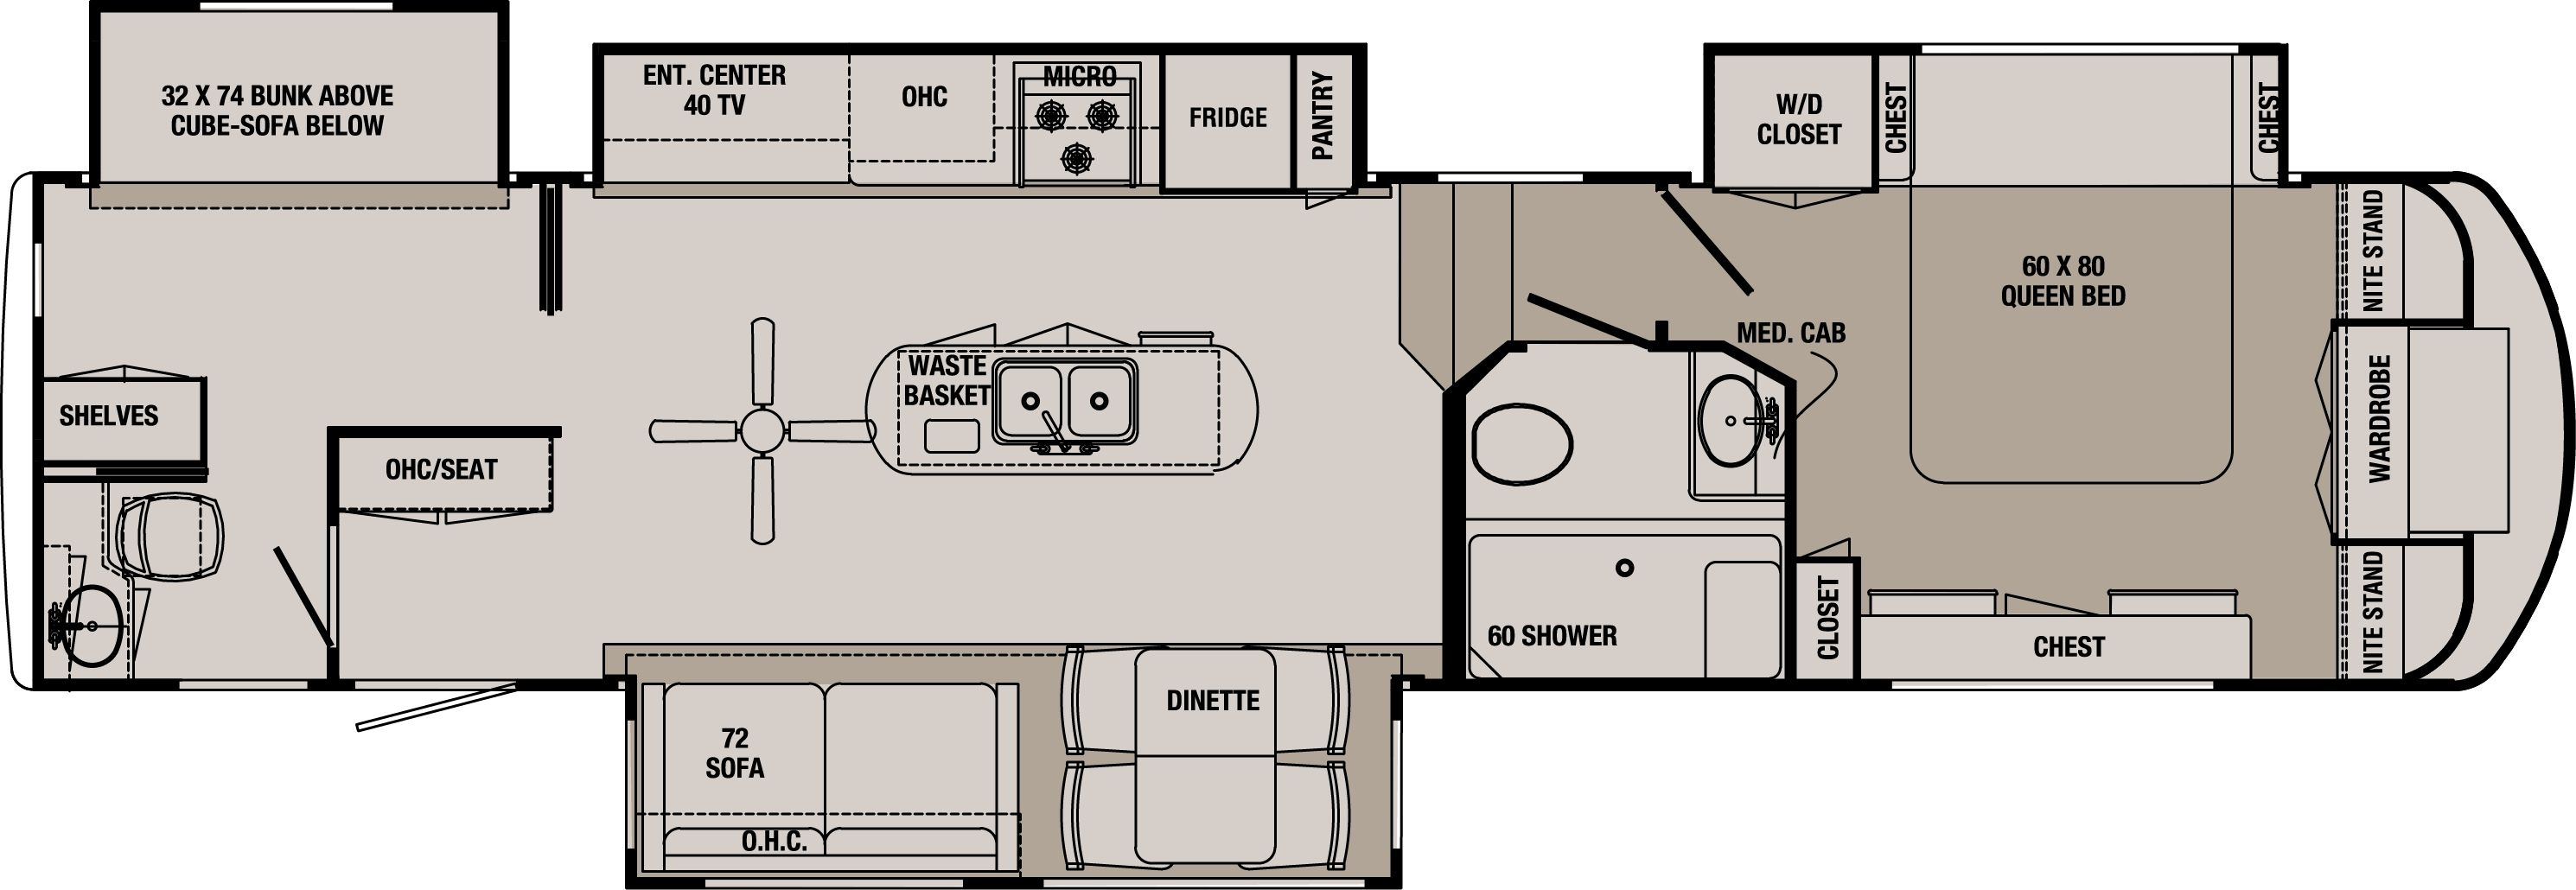 2 Bedroom Class A Rv Floor Plans Rv Floor Plans Floor Plans Bunk House